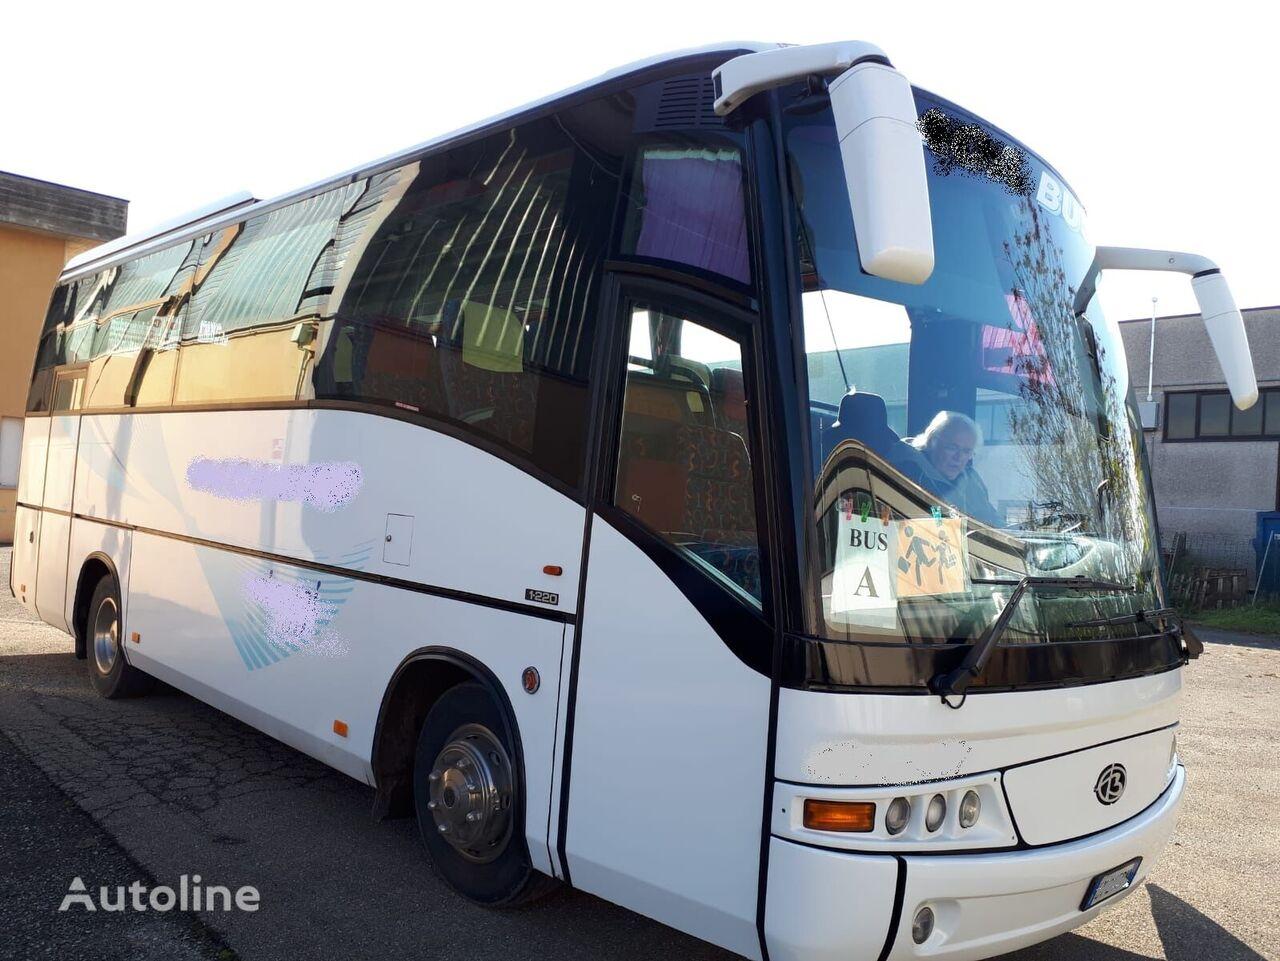 училищен автобус MAN BEULAS 11 220